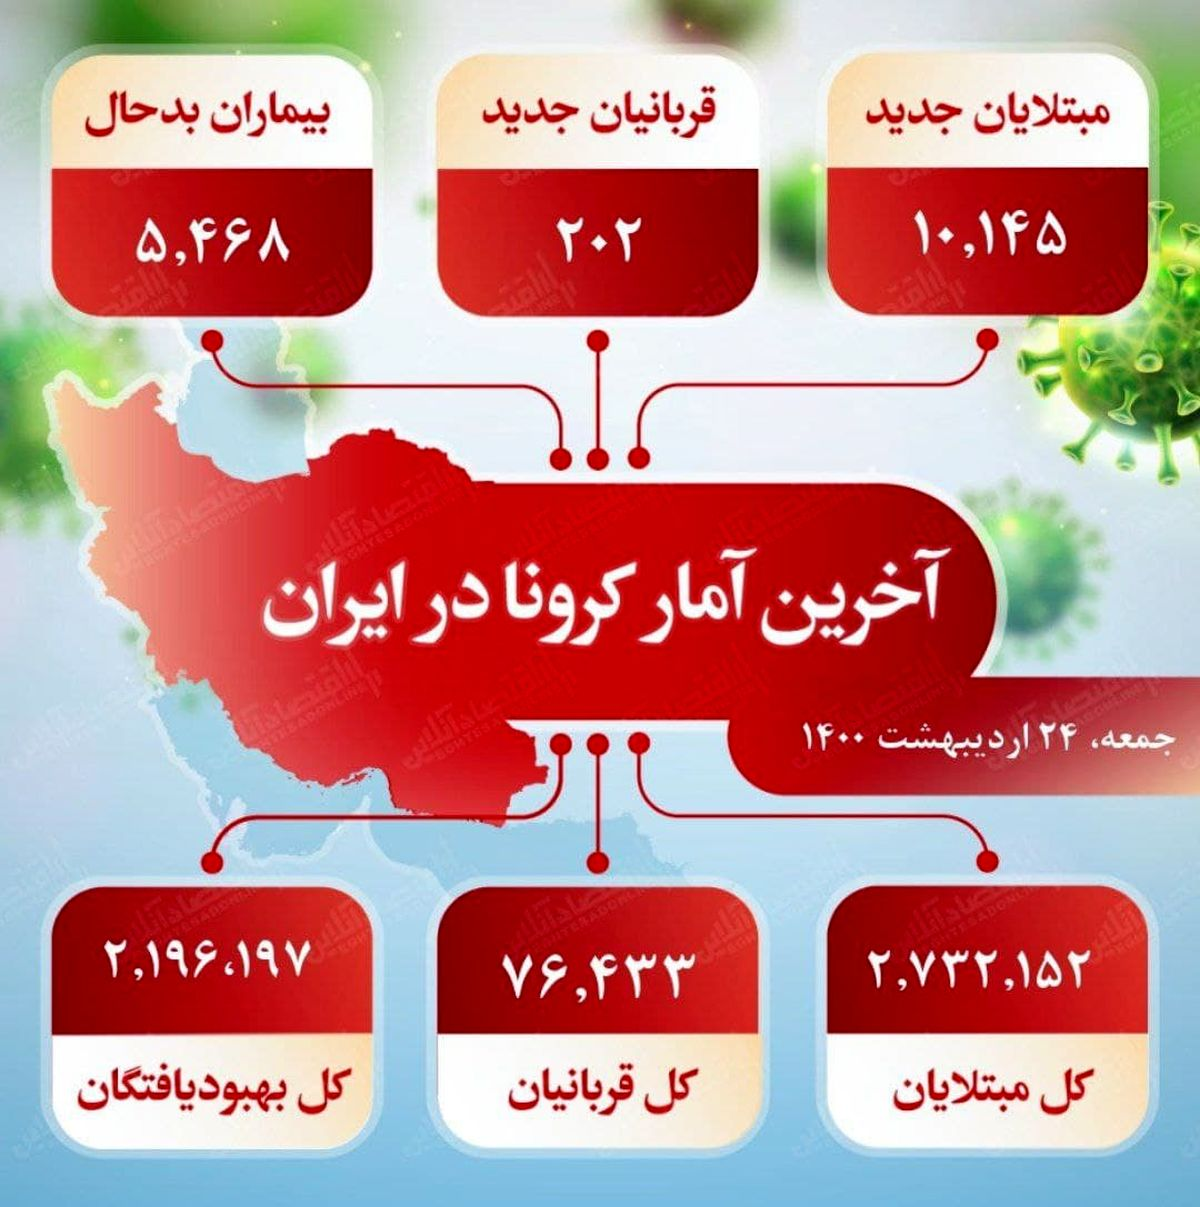 آخرین آمار کرونا در ایران (۱۴۰۰/۲/۲۴)